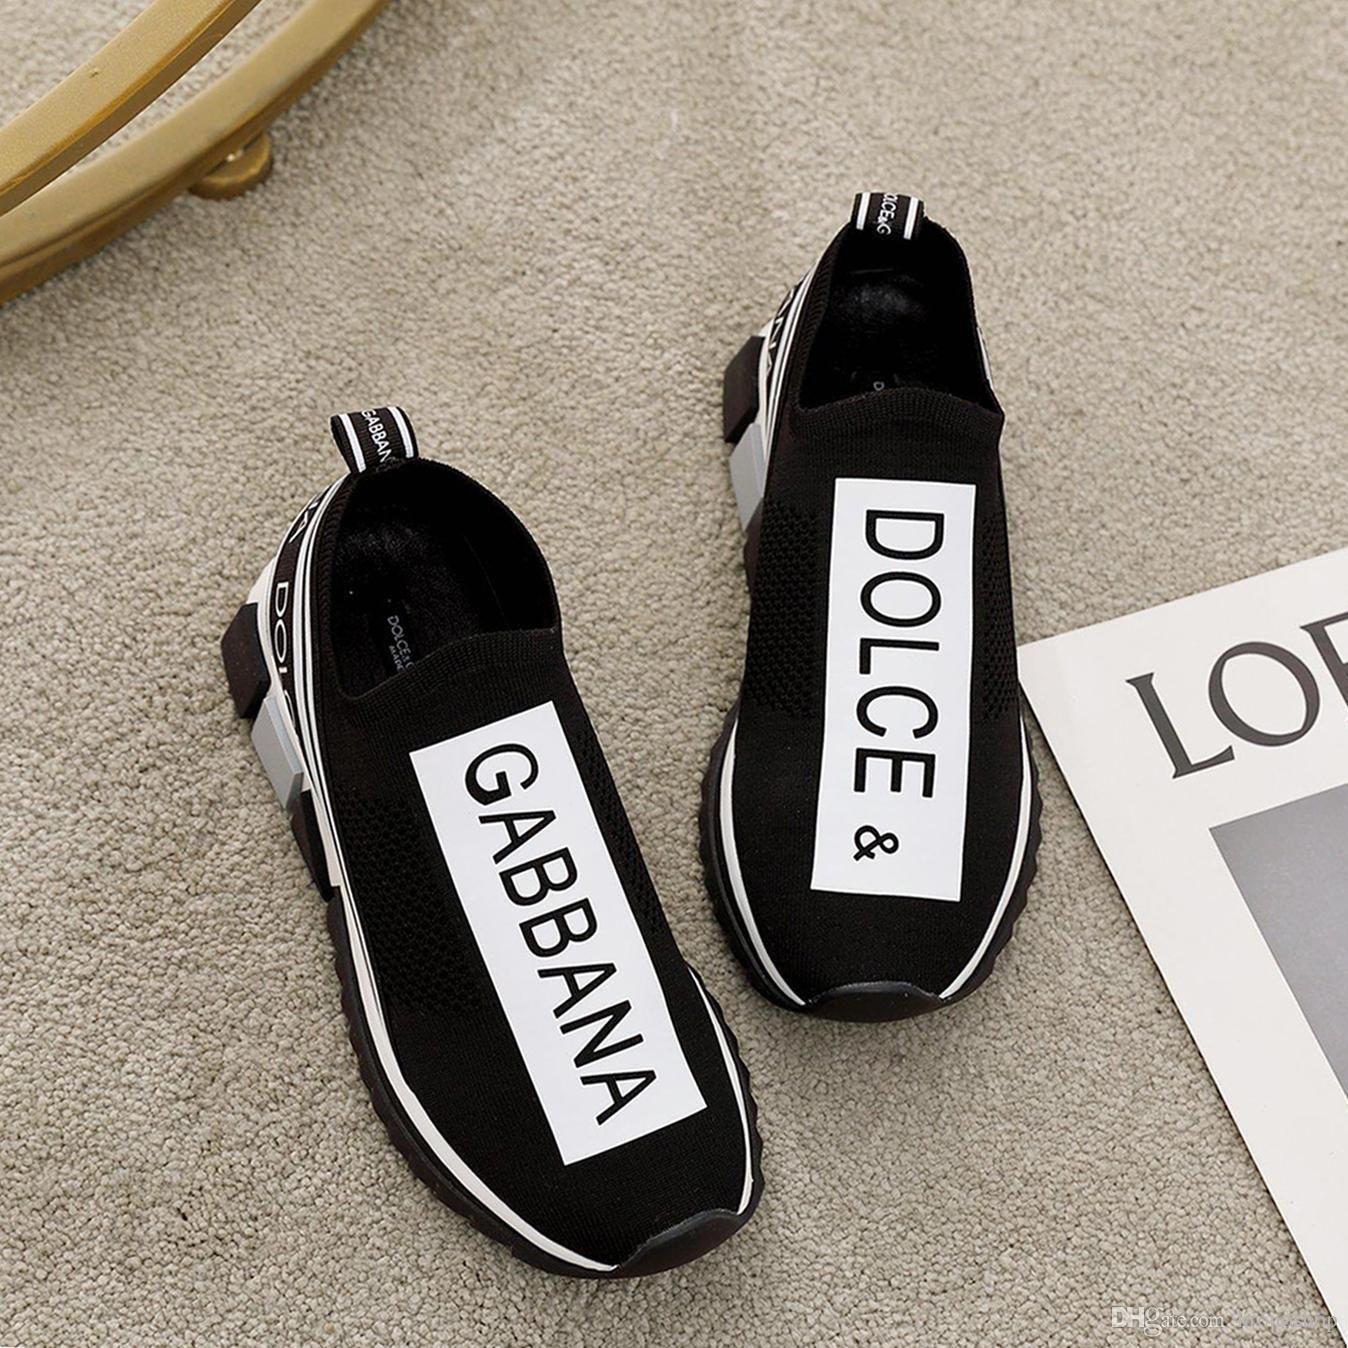 Nova lista padrão de impressão Sapatos casuais personalidade selvagem sapatos casuais mens, qualidade superior tecido stretch Mens sapatos Esporte Casual Tamanho 38-46 0104